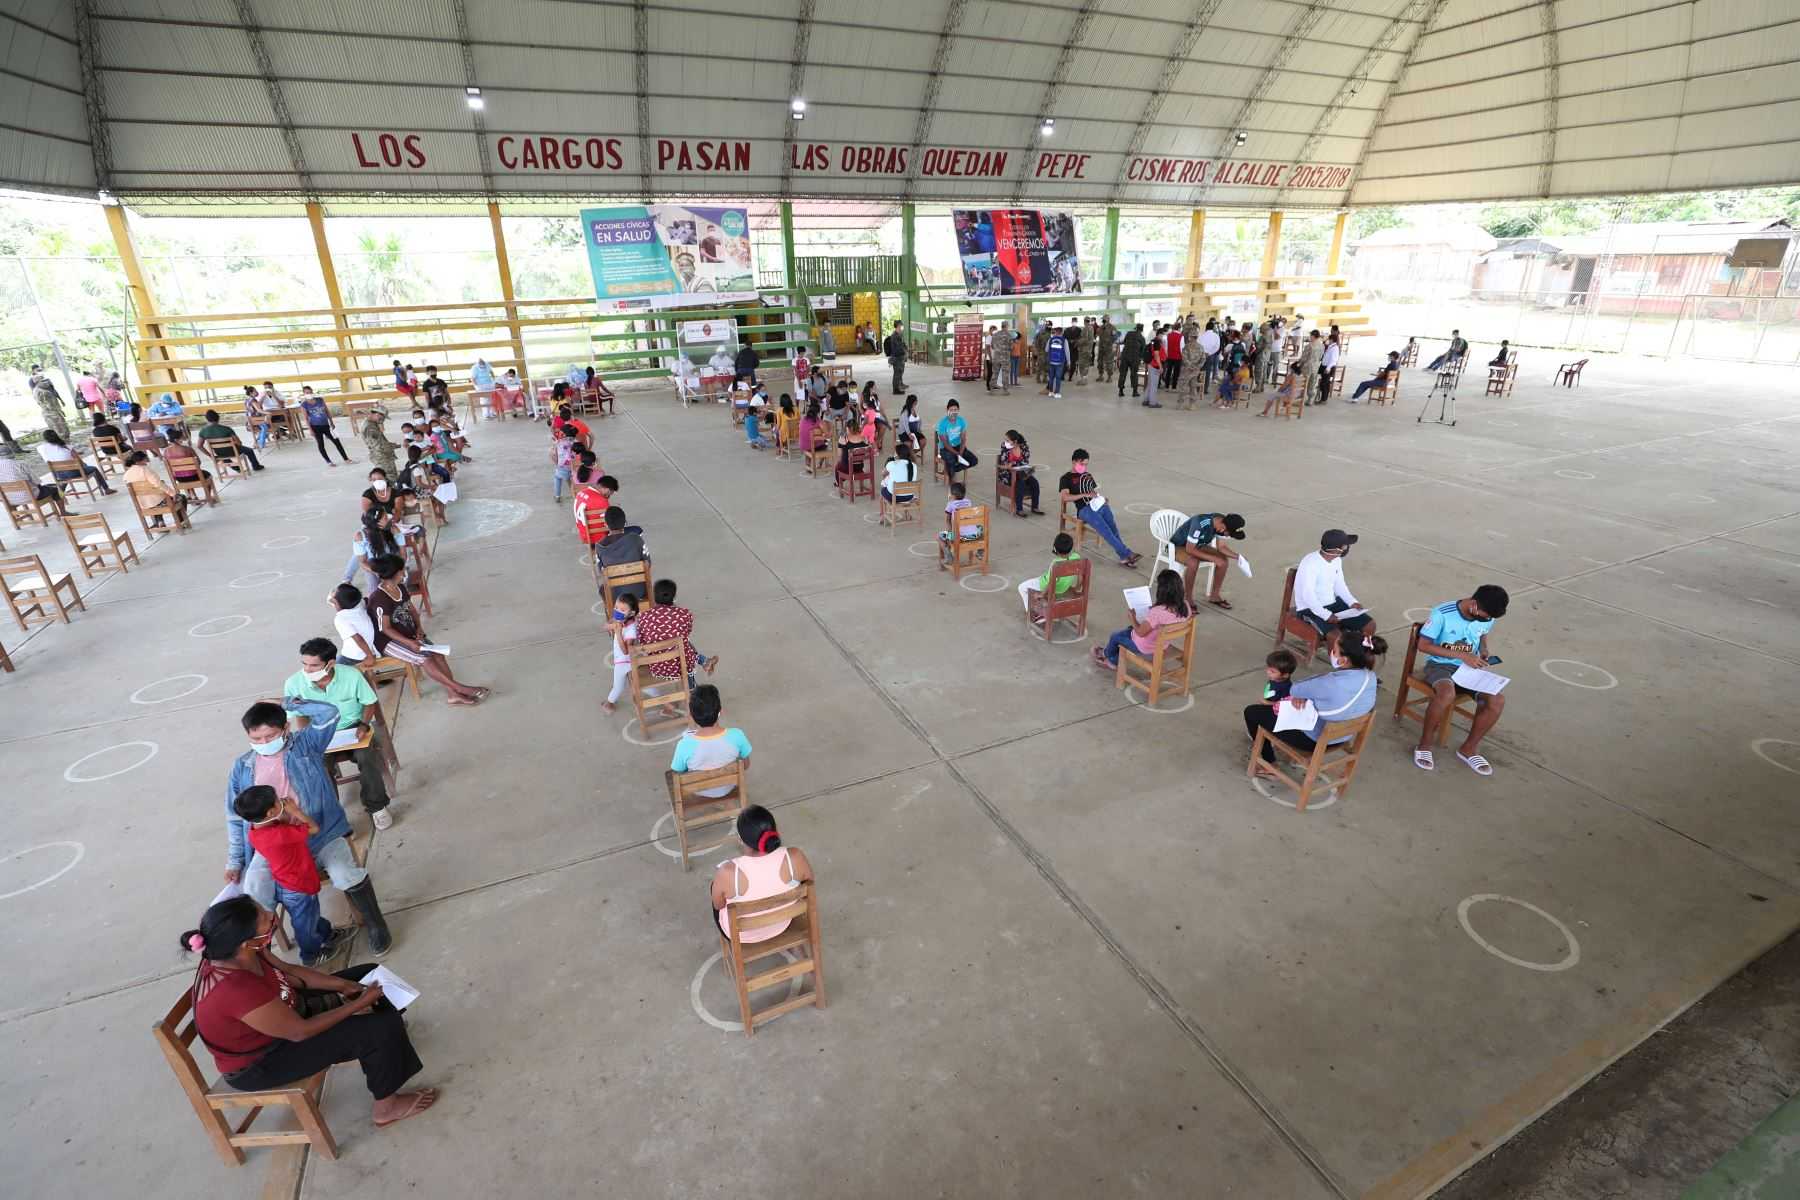 El titular de PCM, Vicente Zeballos, llegó al distrito de Andoas para supervisar una nueva Acción Cívica, que permite priorizar acciones para hacer frente al covid -19 y realización de pruebas rápidas a comunidades indígenas y atenderlos con diversos servicios de salud. Foto: PCM